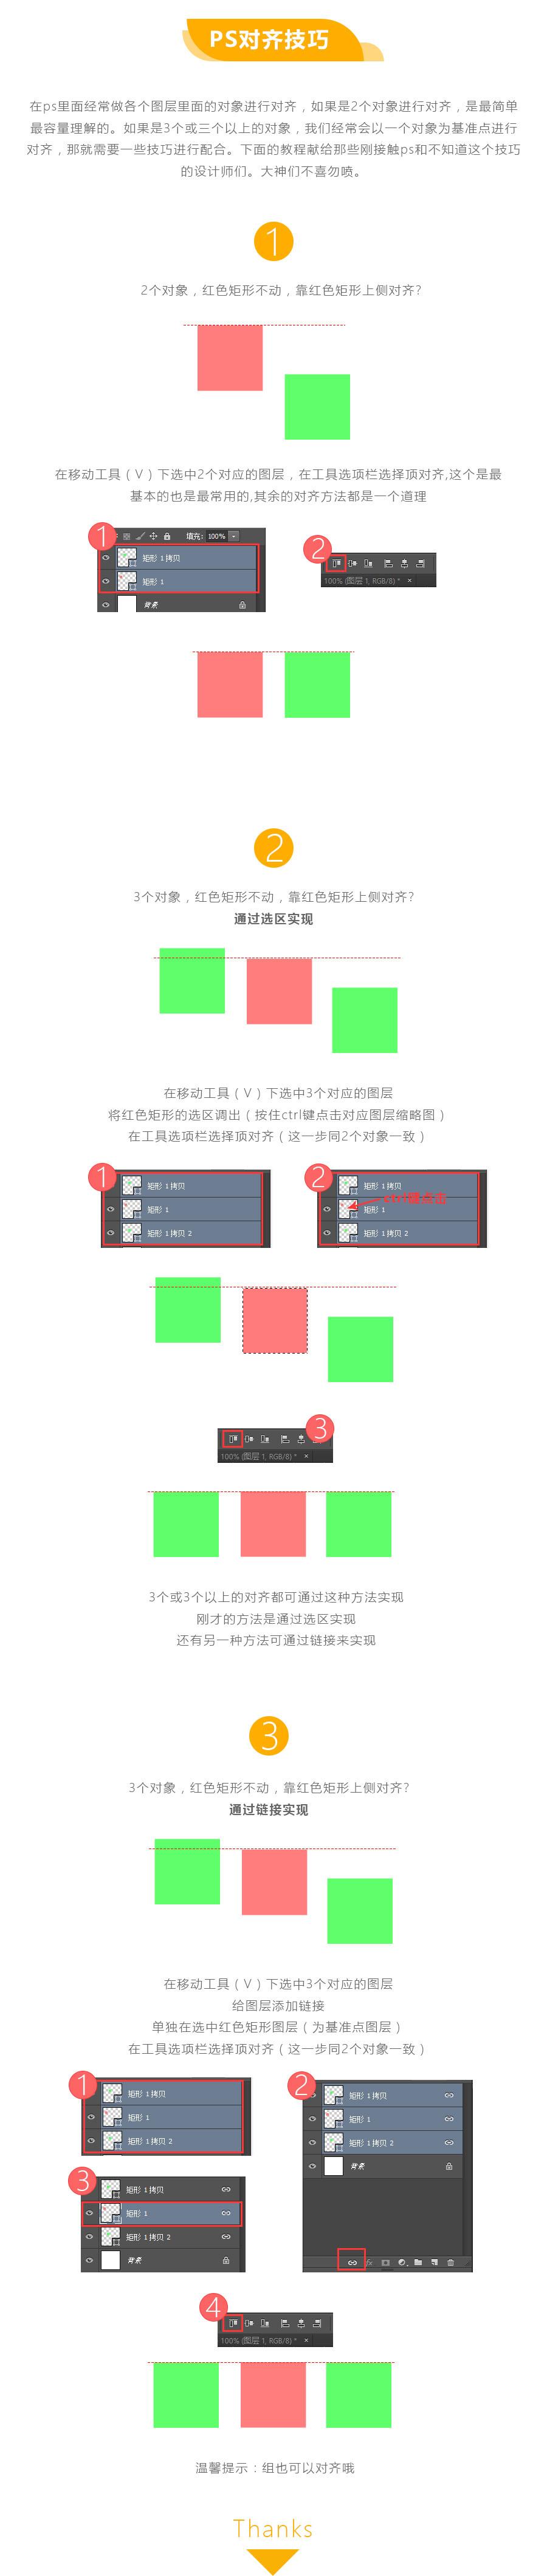 使用技巧,ps实用对齐技巧_www.16xx8.com